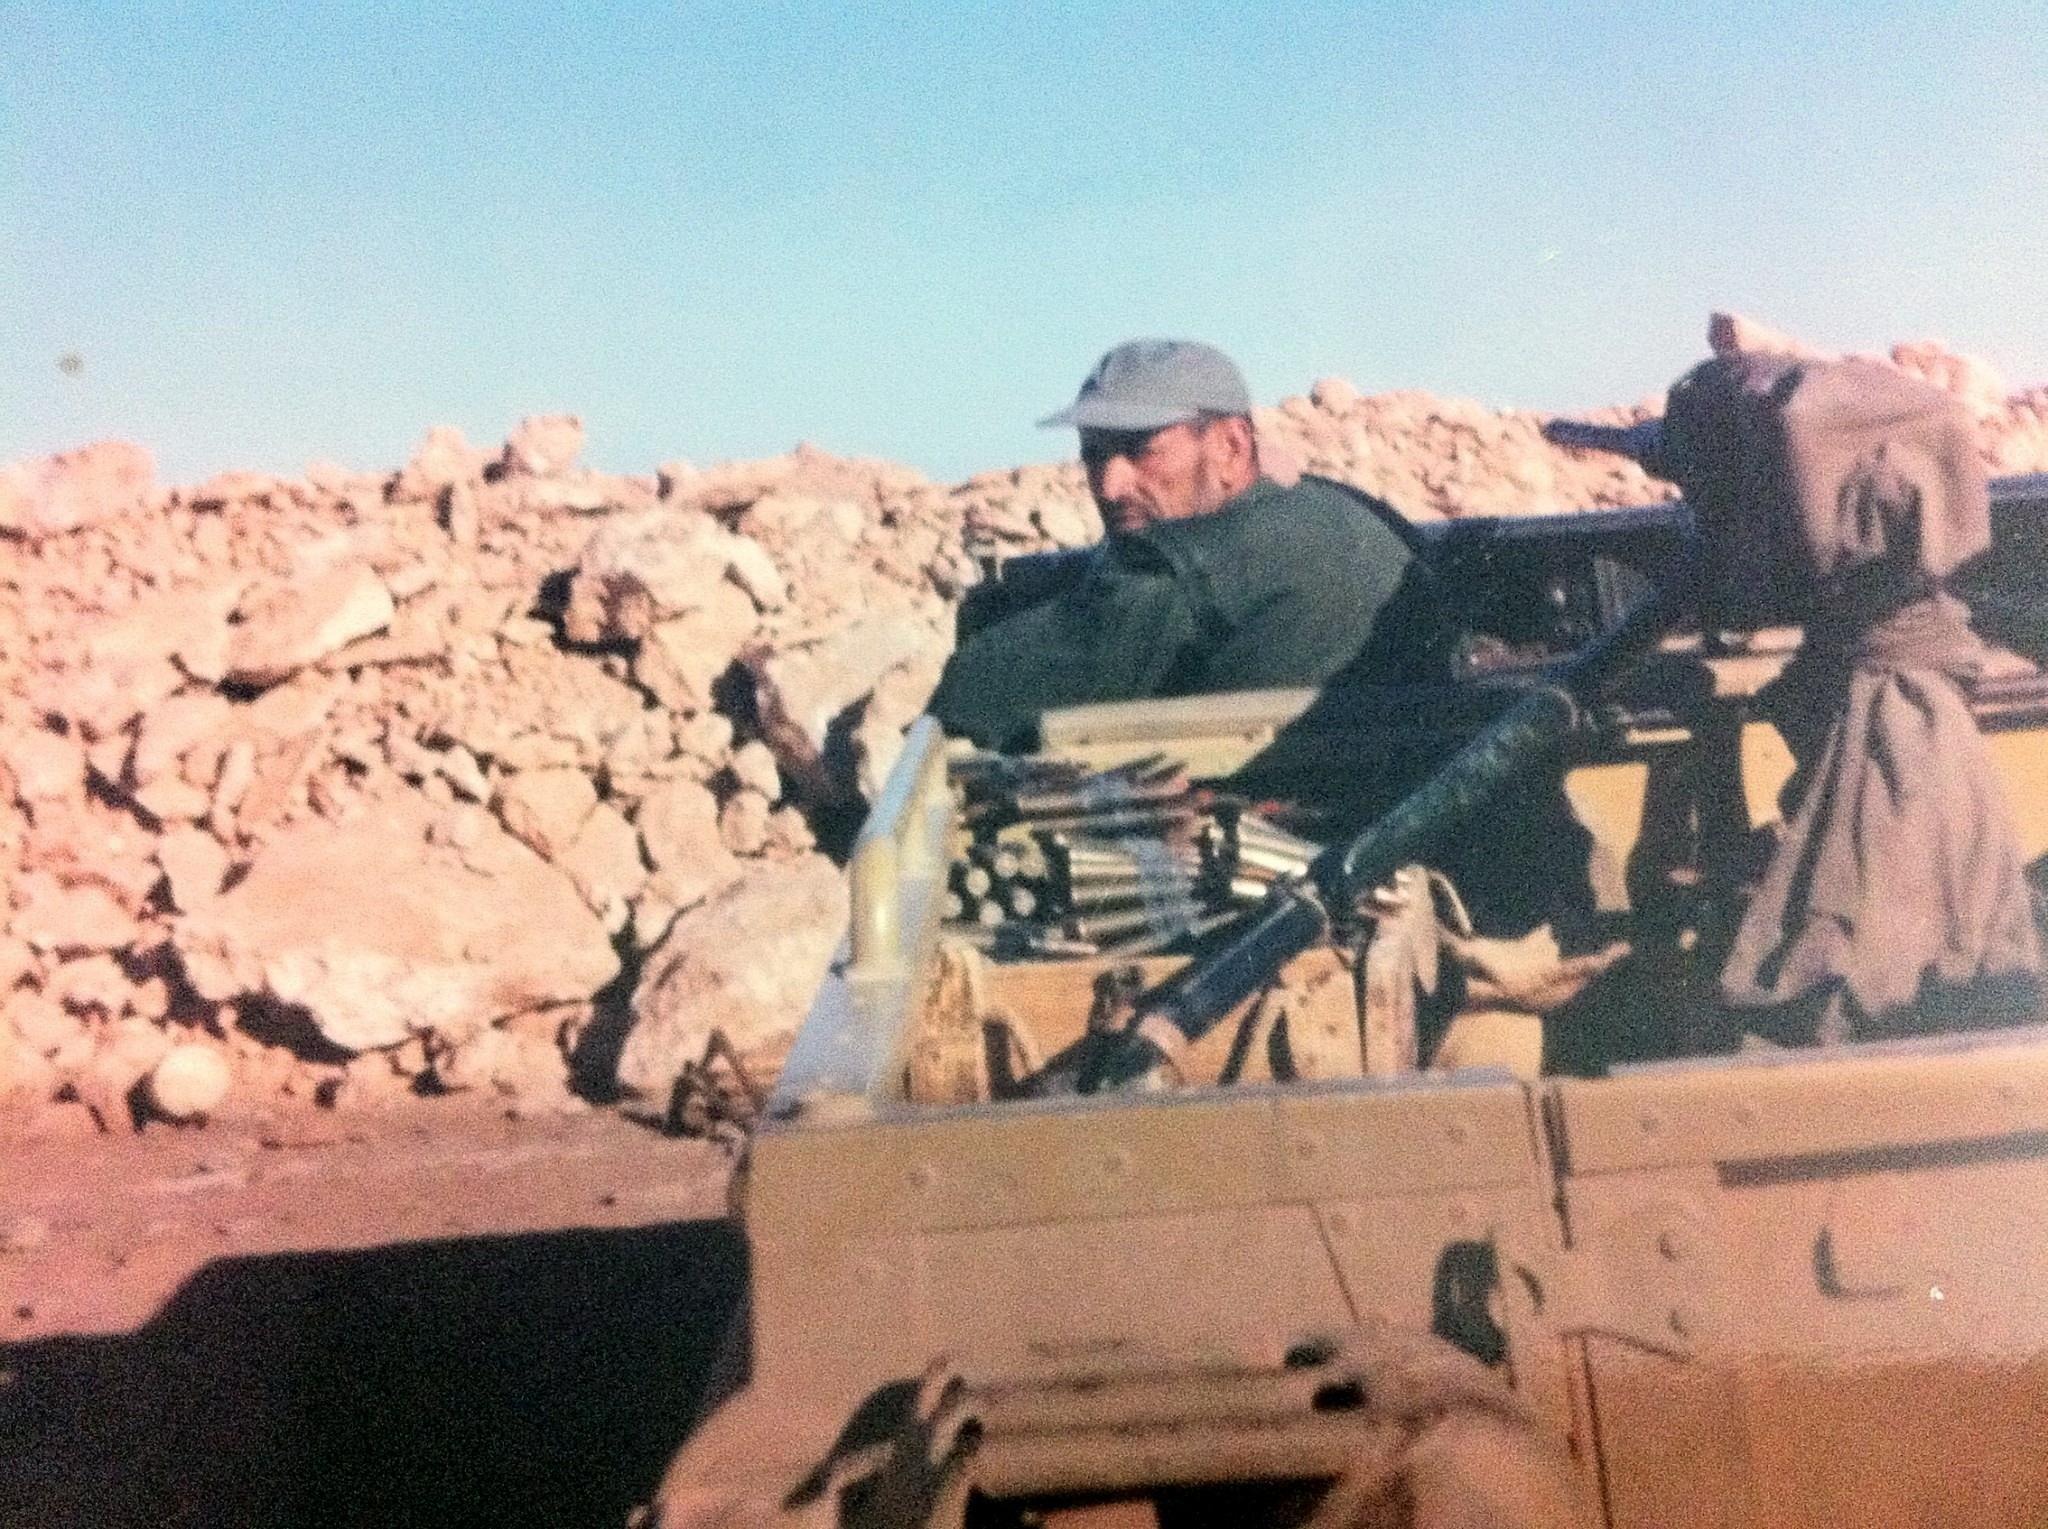 Le conflit armé du sahara marocain - Page 9 160815051643603325